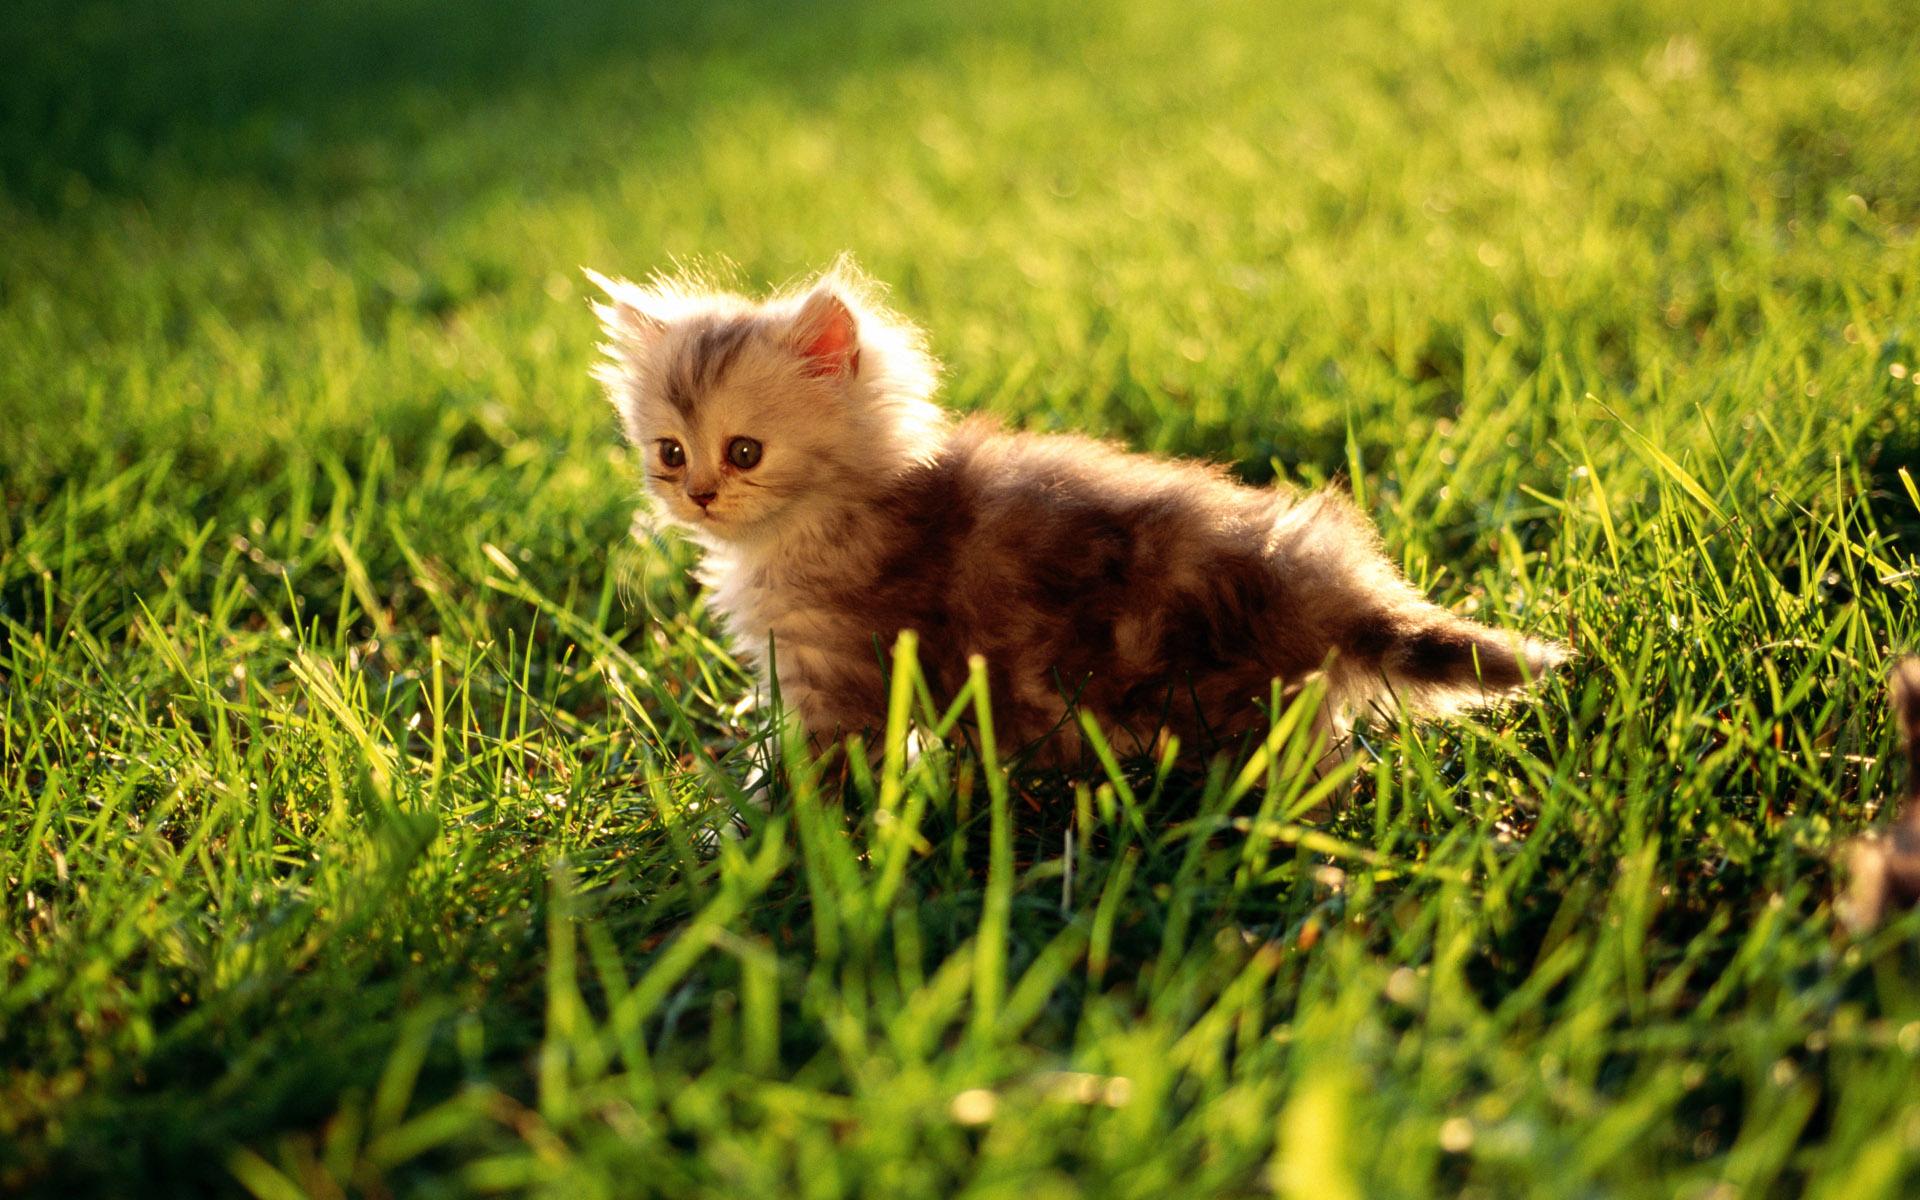 بالصور صور صغار الحيوانات , احلى صور الحيونات 1635